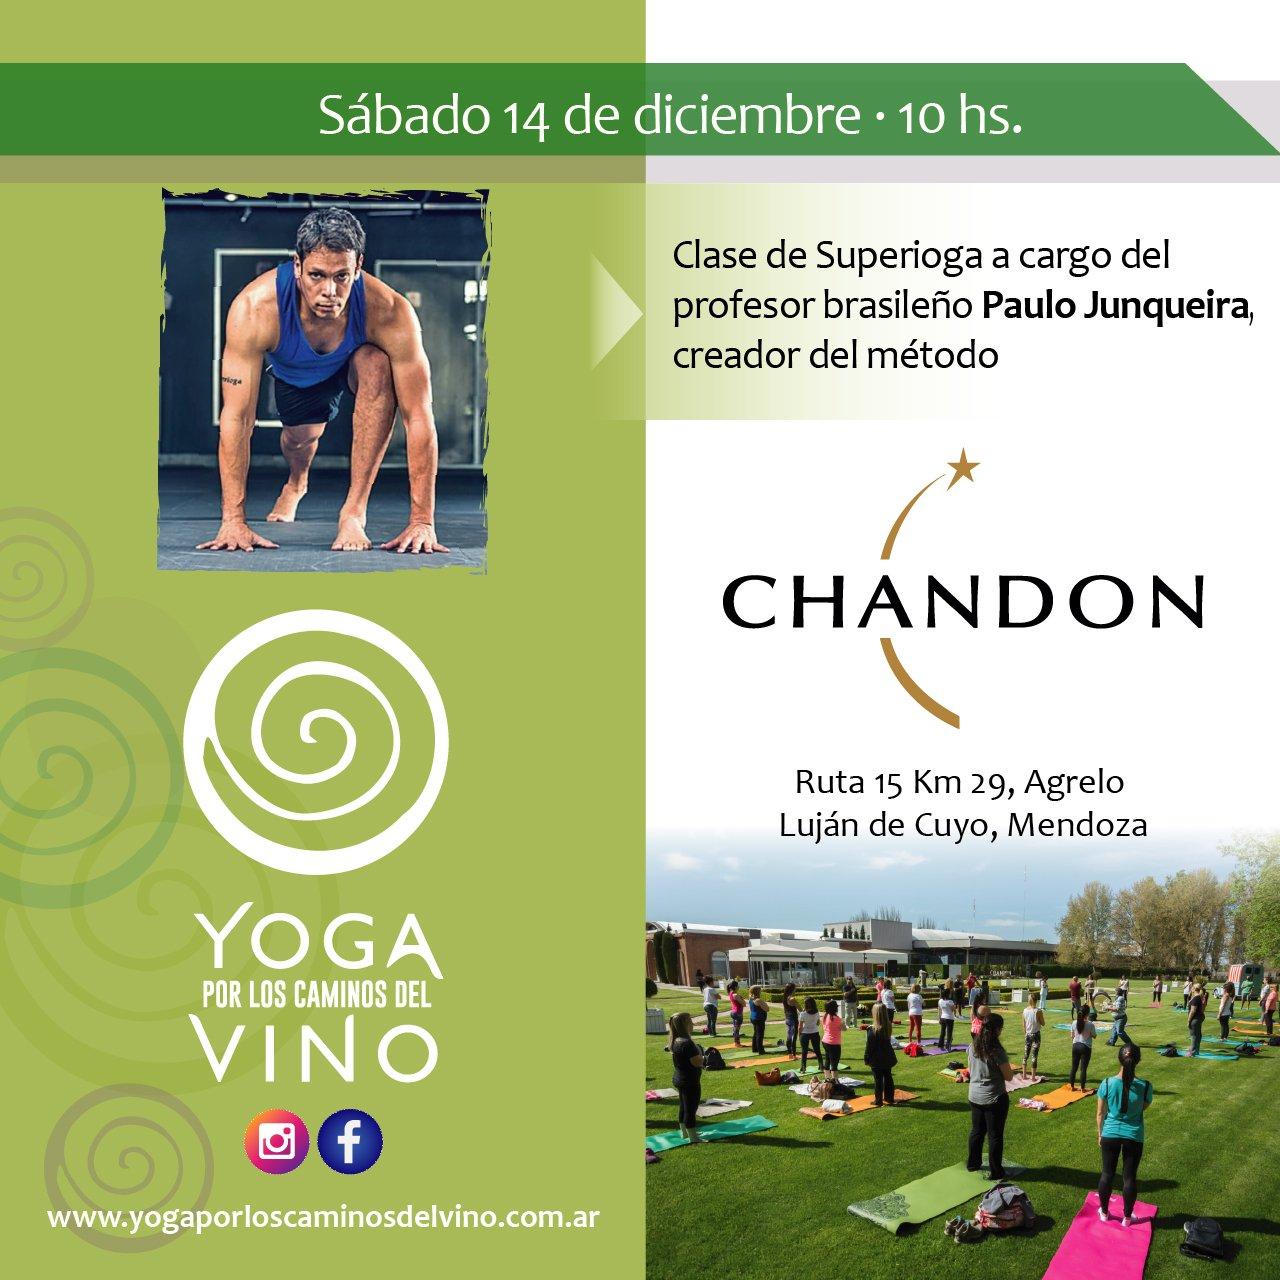 Chacras Park Yoga por los Caminos del Vino Paulo Junqueira